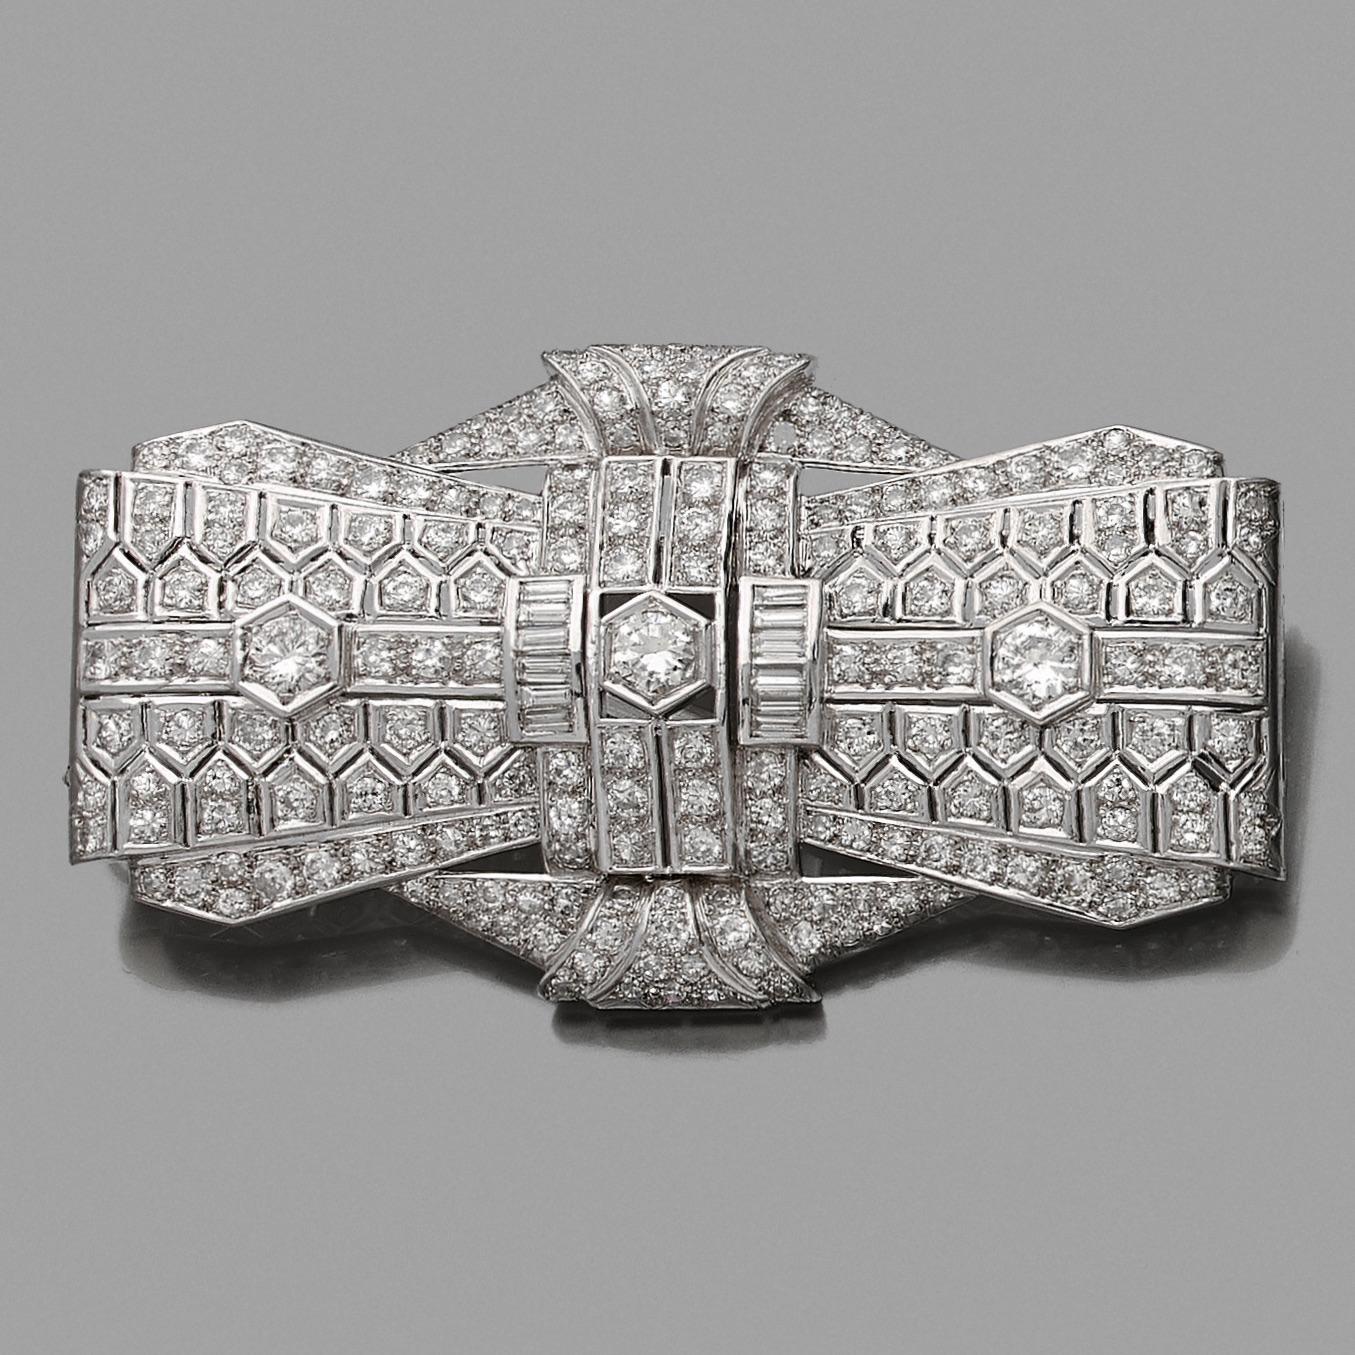 Importante BROCHE « nœud » en platine (950‰) et or gris (750‰) serti de diamants taille brillant, taille ancienne et baguette. Travail français, vers 1930. Époque Art Déco. Dans son écrin. Dim. : 7,8 x 4,4 cm. Poids brut : 40 g. 2.000/3.000 Expert Cukierman